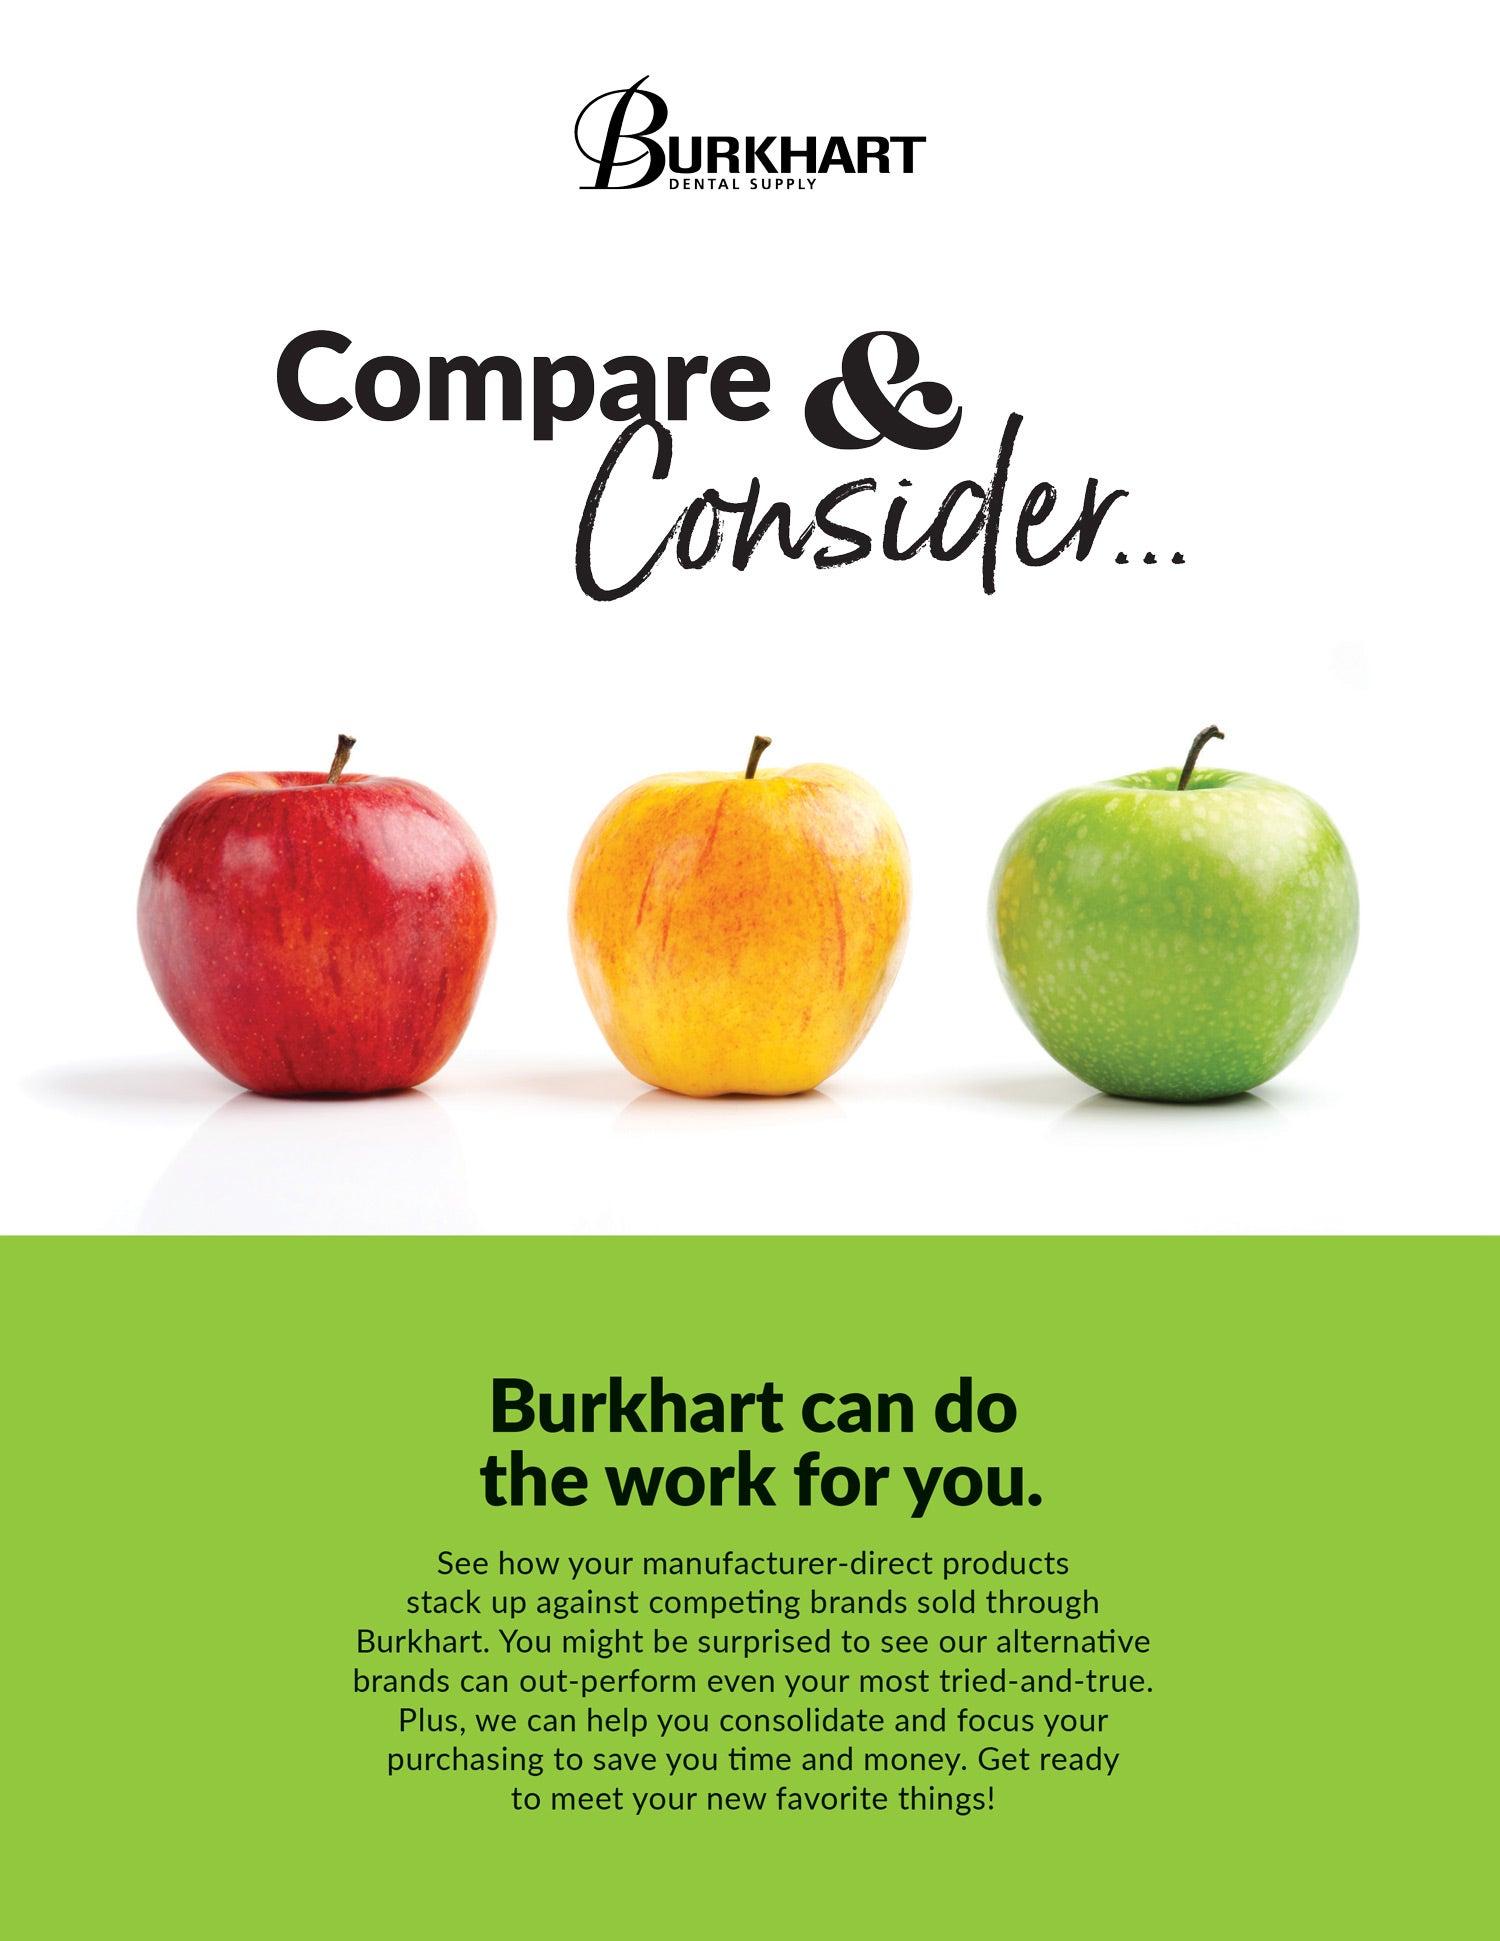 Compare & Consider